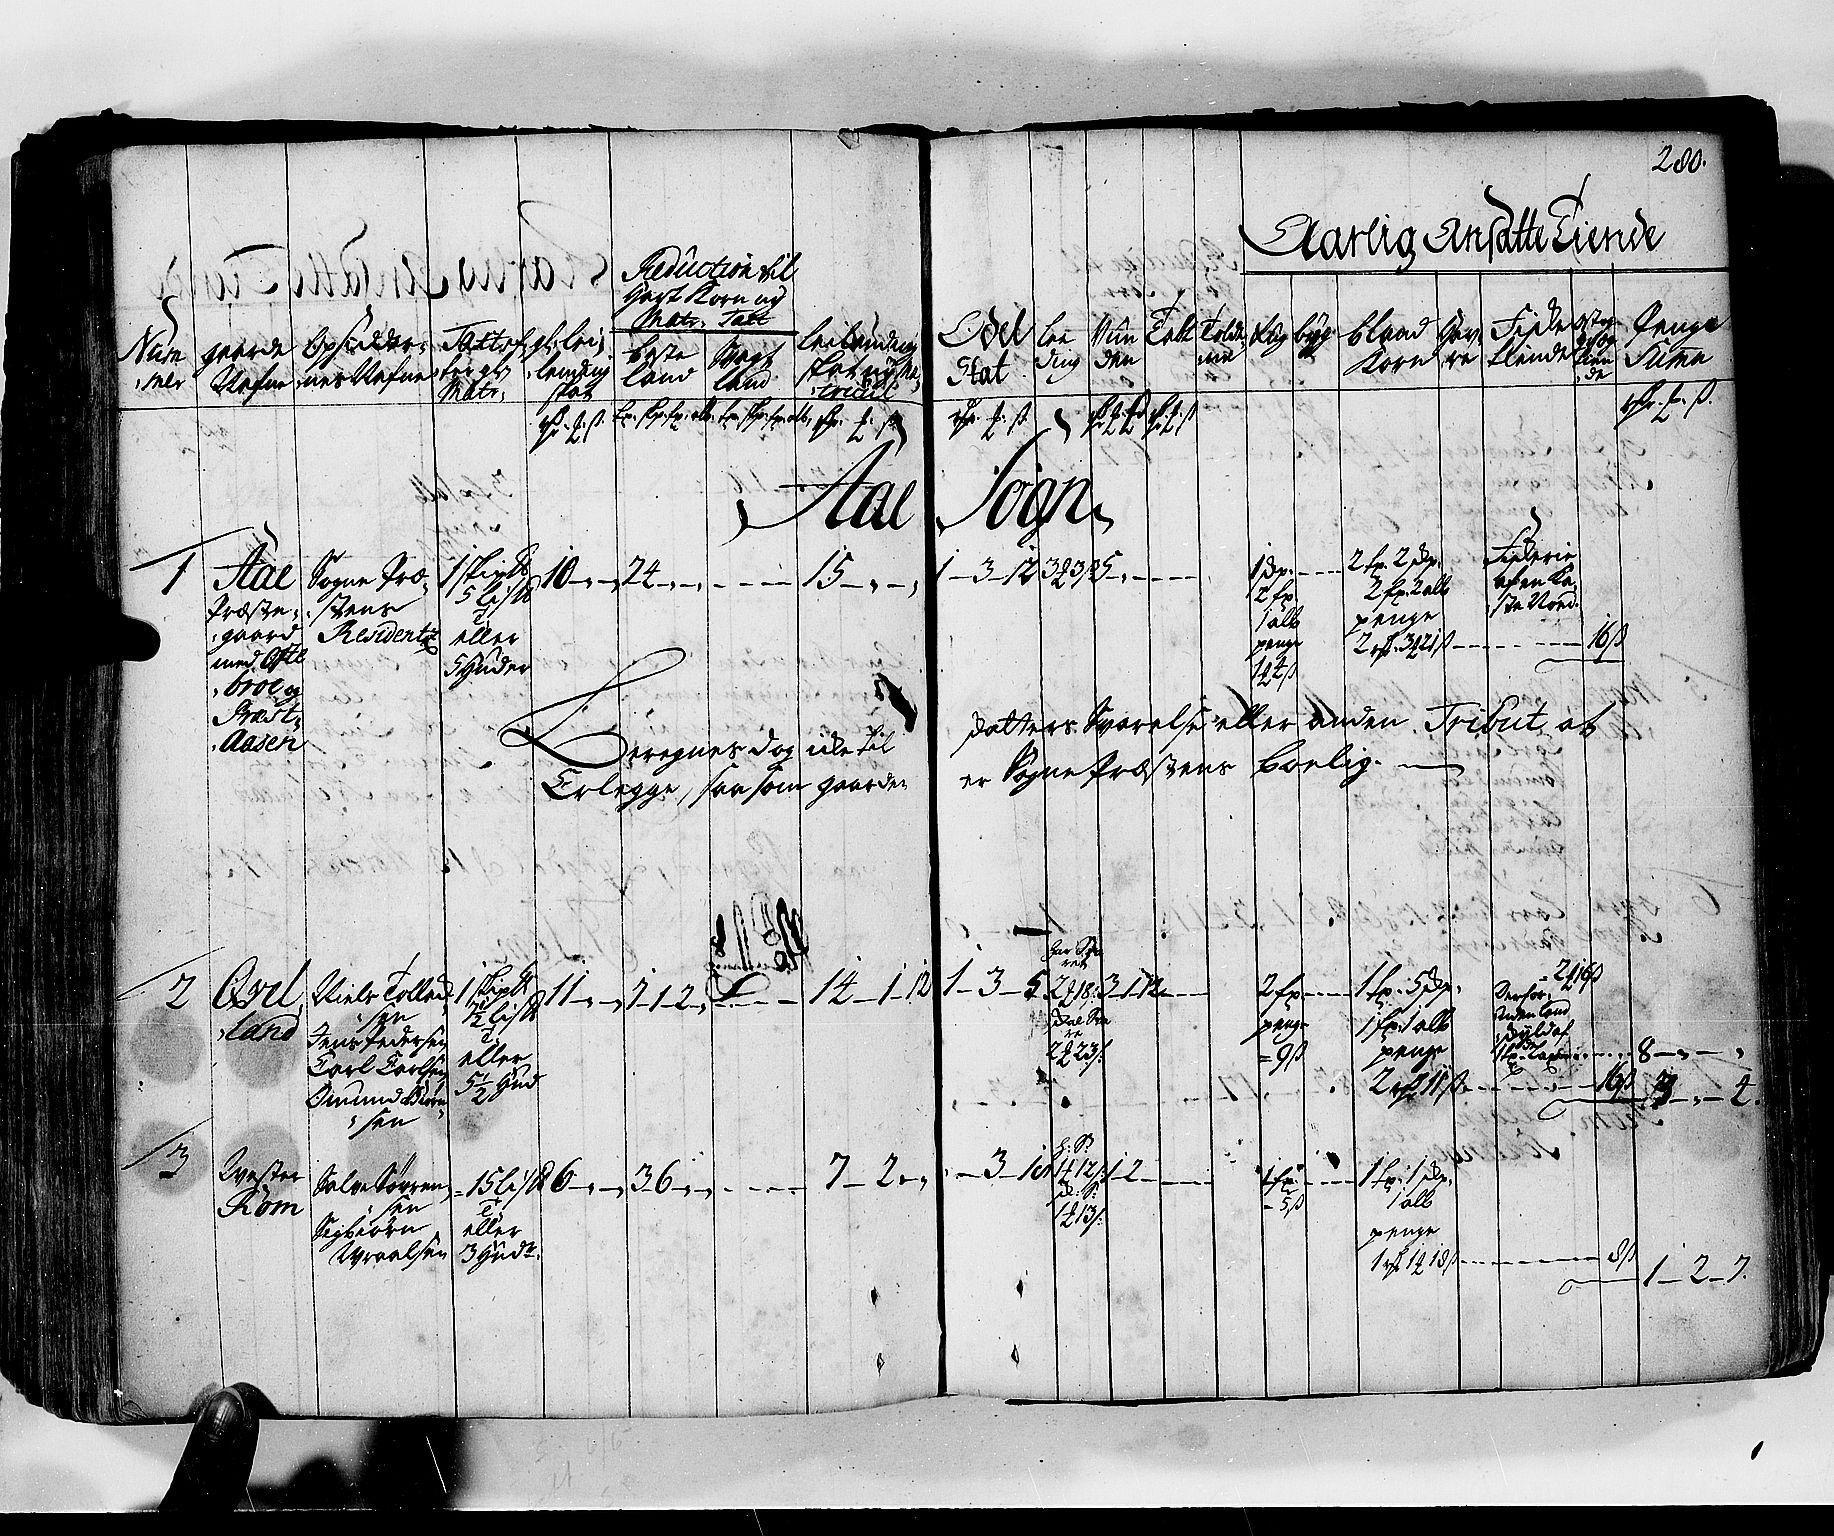 RA, Rentekammeret inntil 1814, Realistisk ordnet avdeling, N/Nb/Nbf/L0130: Lista matrikkelprotokoll, 1723, s. 279b-280a